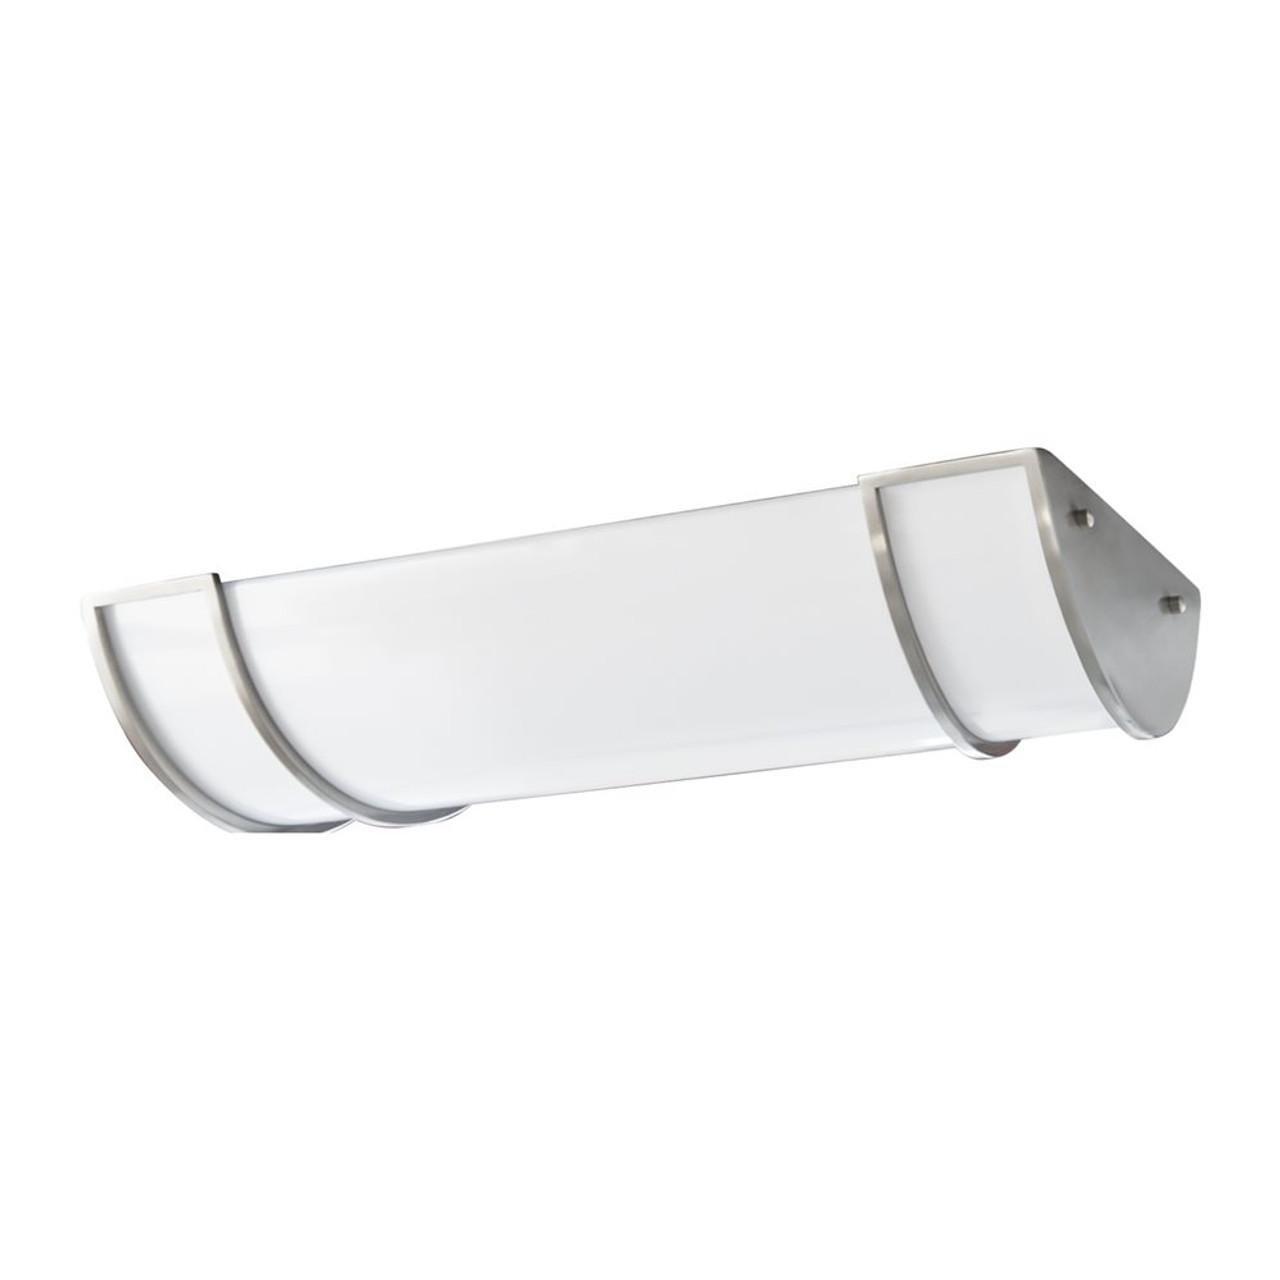 2ft 20 watt led vanity bar light 1600 lumens 120 volt etl listed aloadofball Images